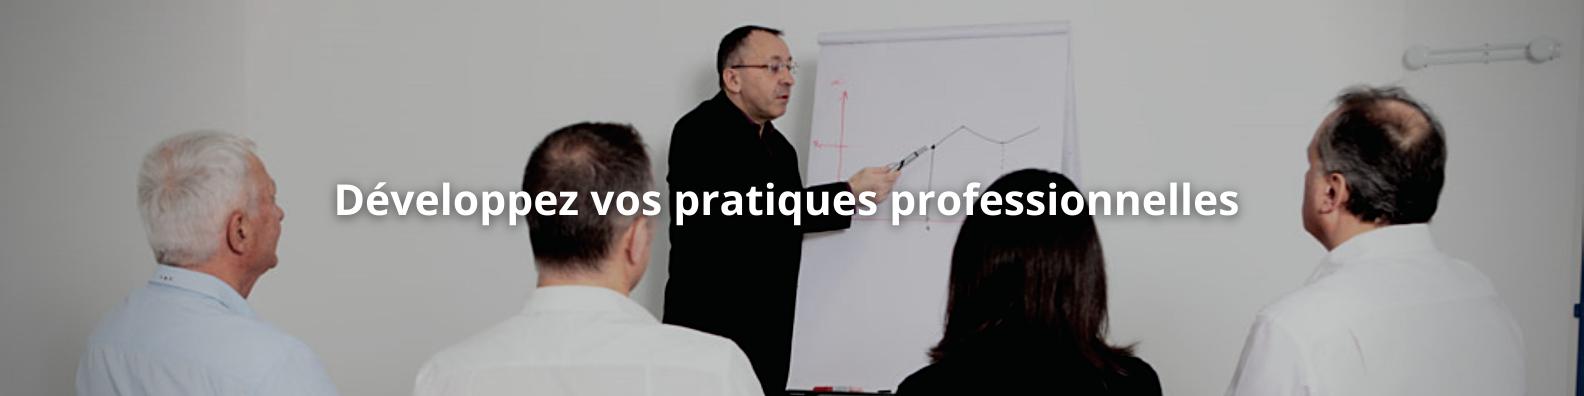 Synergie Actions ateliers d'appui aux pratiques professionnelles en Auvergne Rhône Alpes